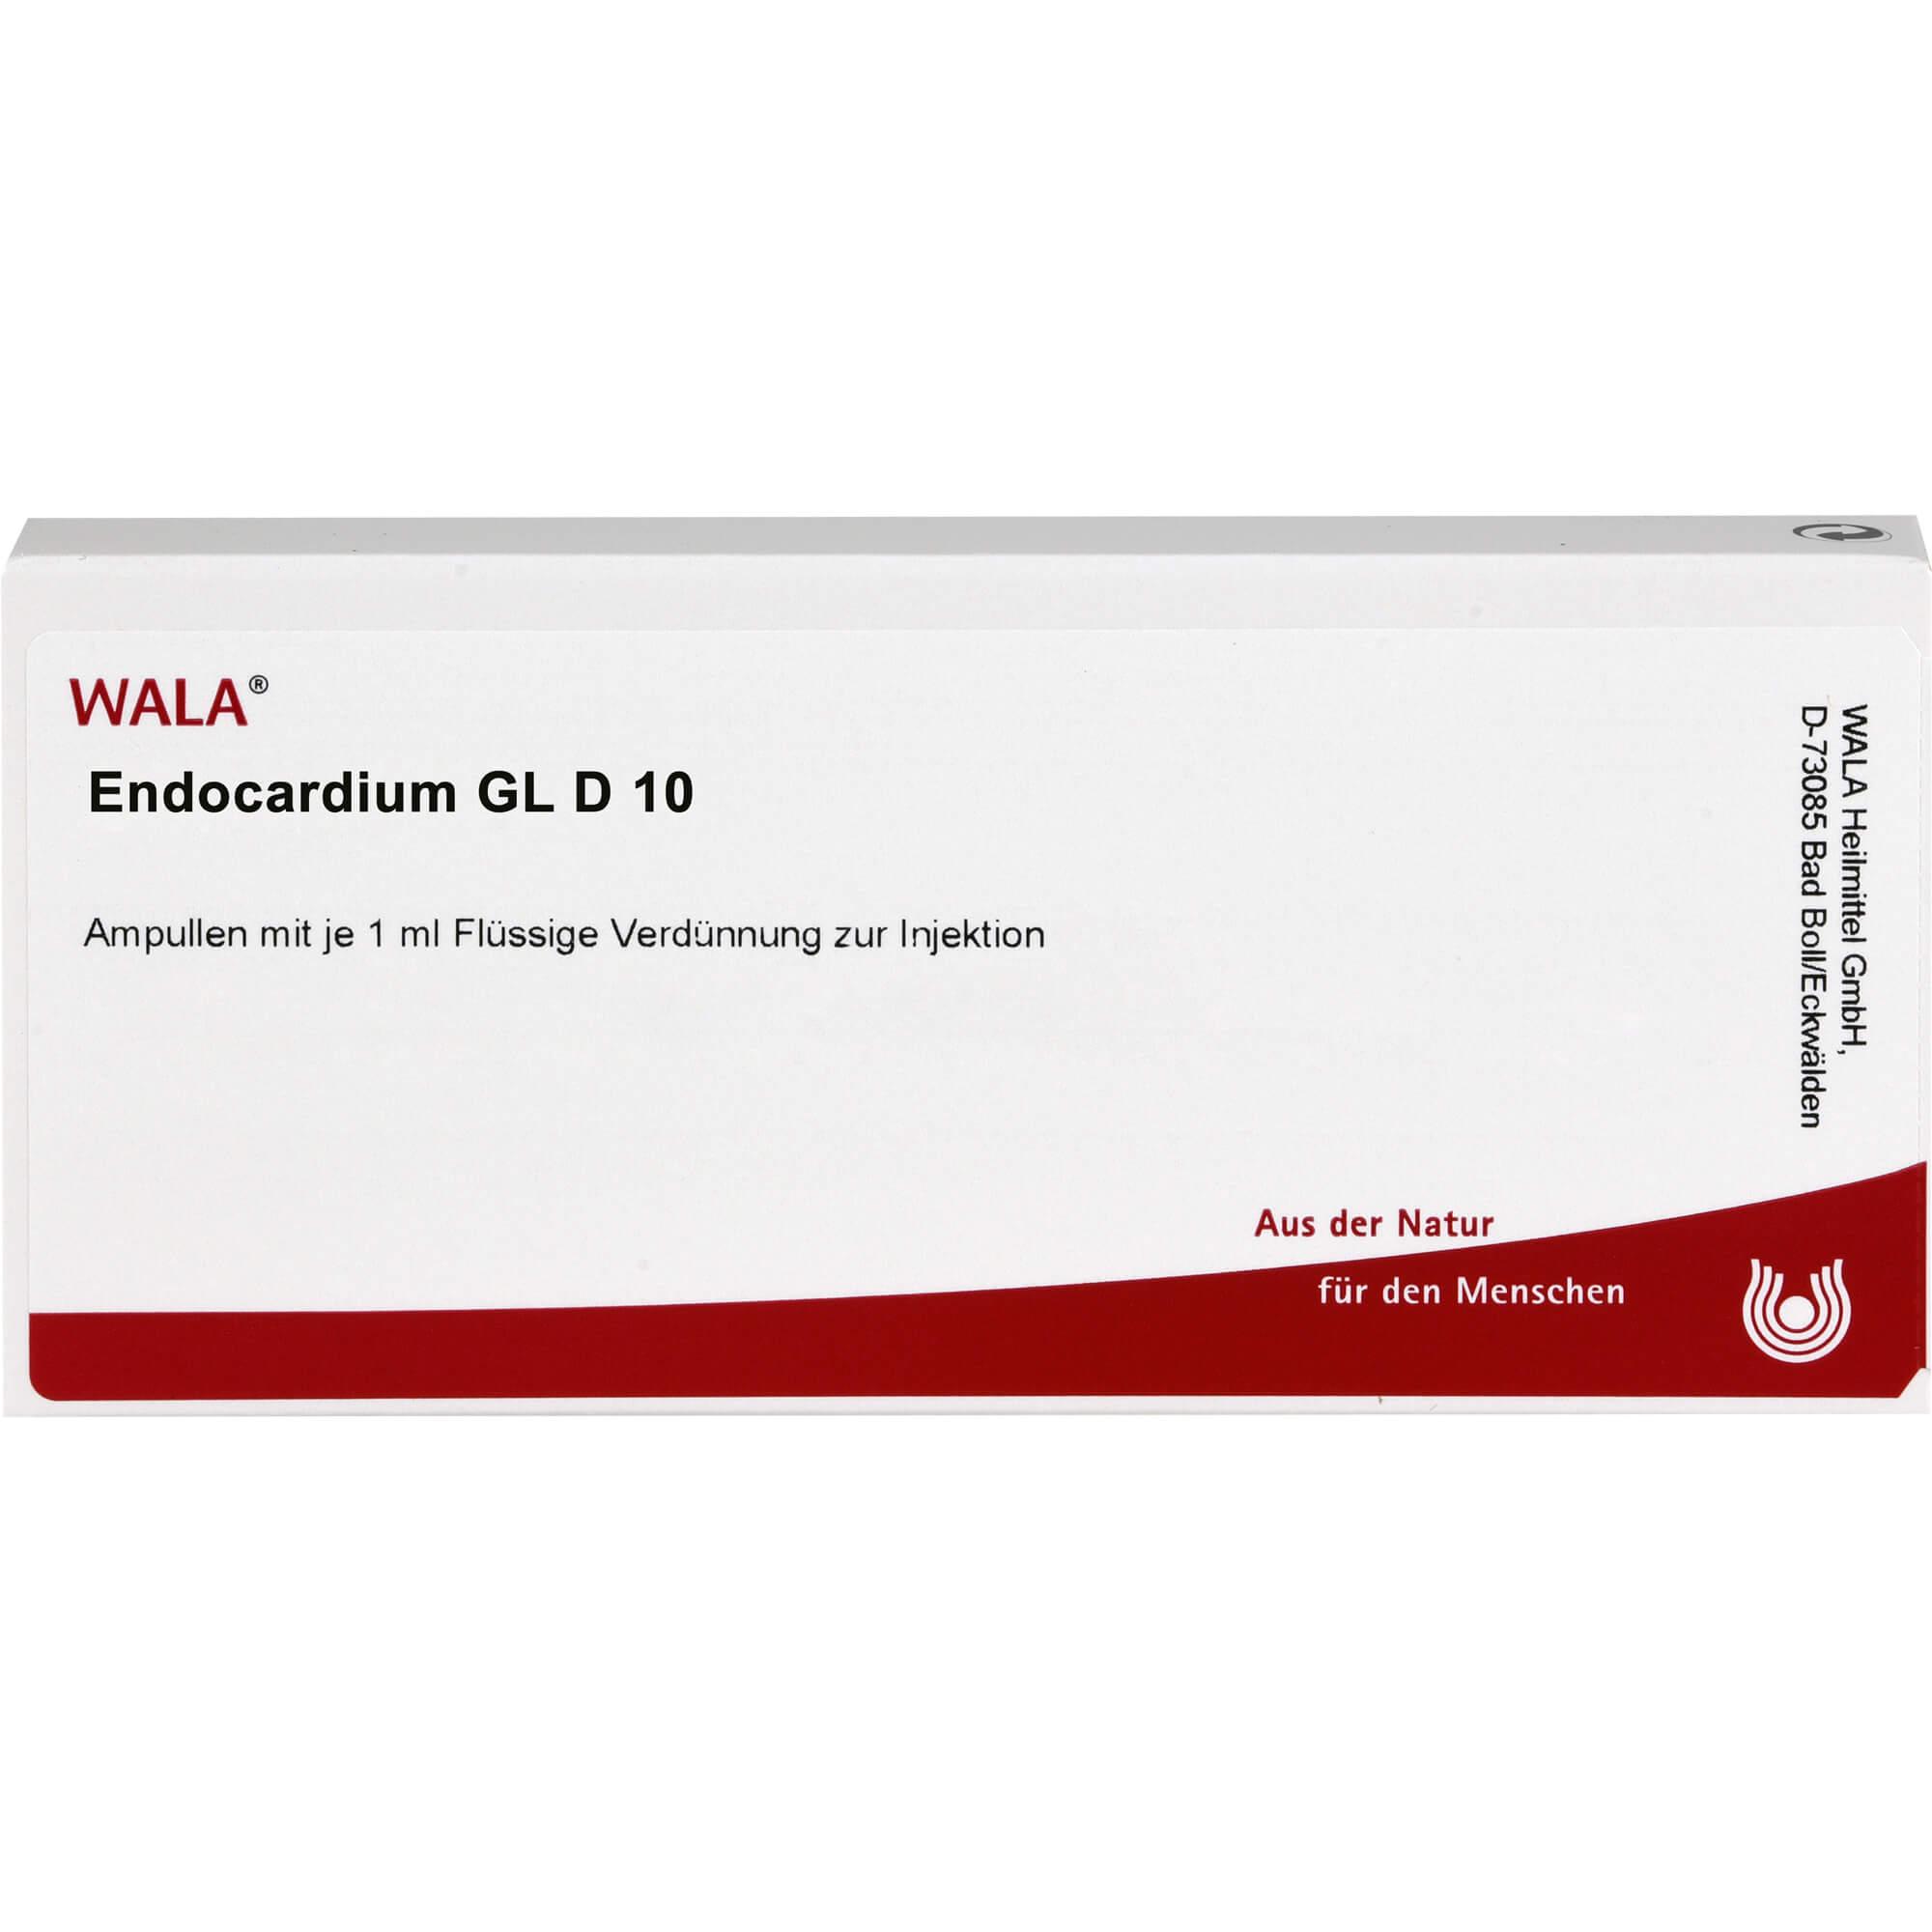 ENDOCARDIUM GL D 10 Ampullen